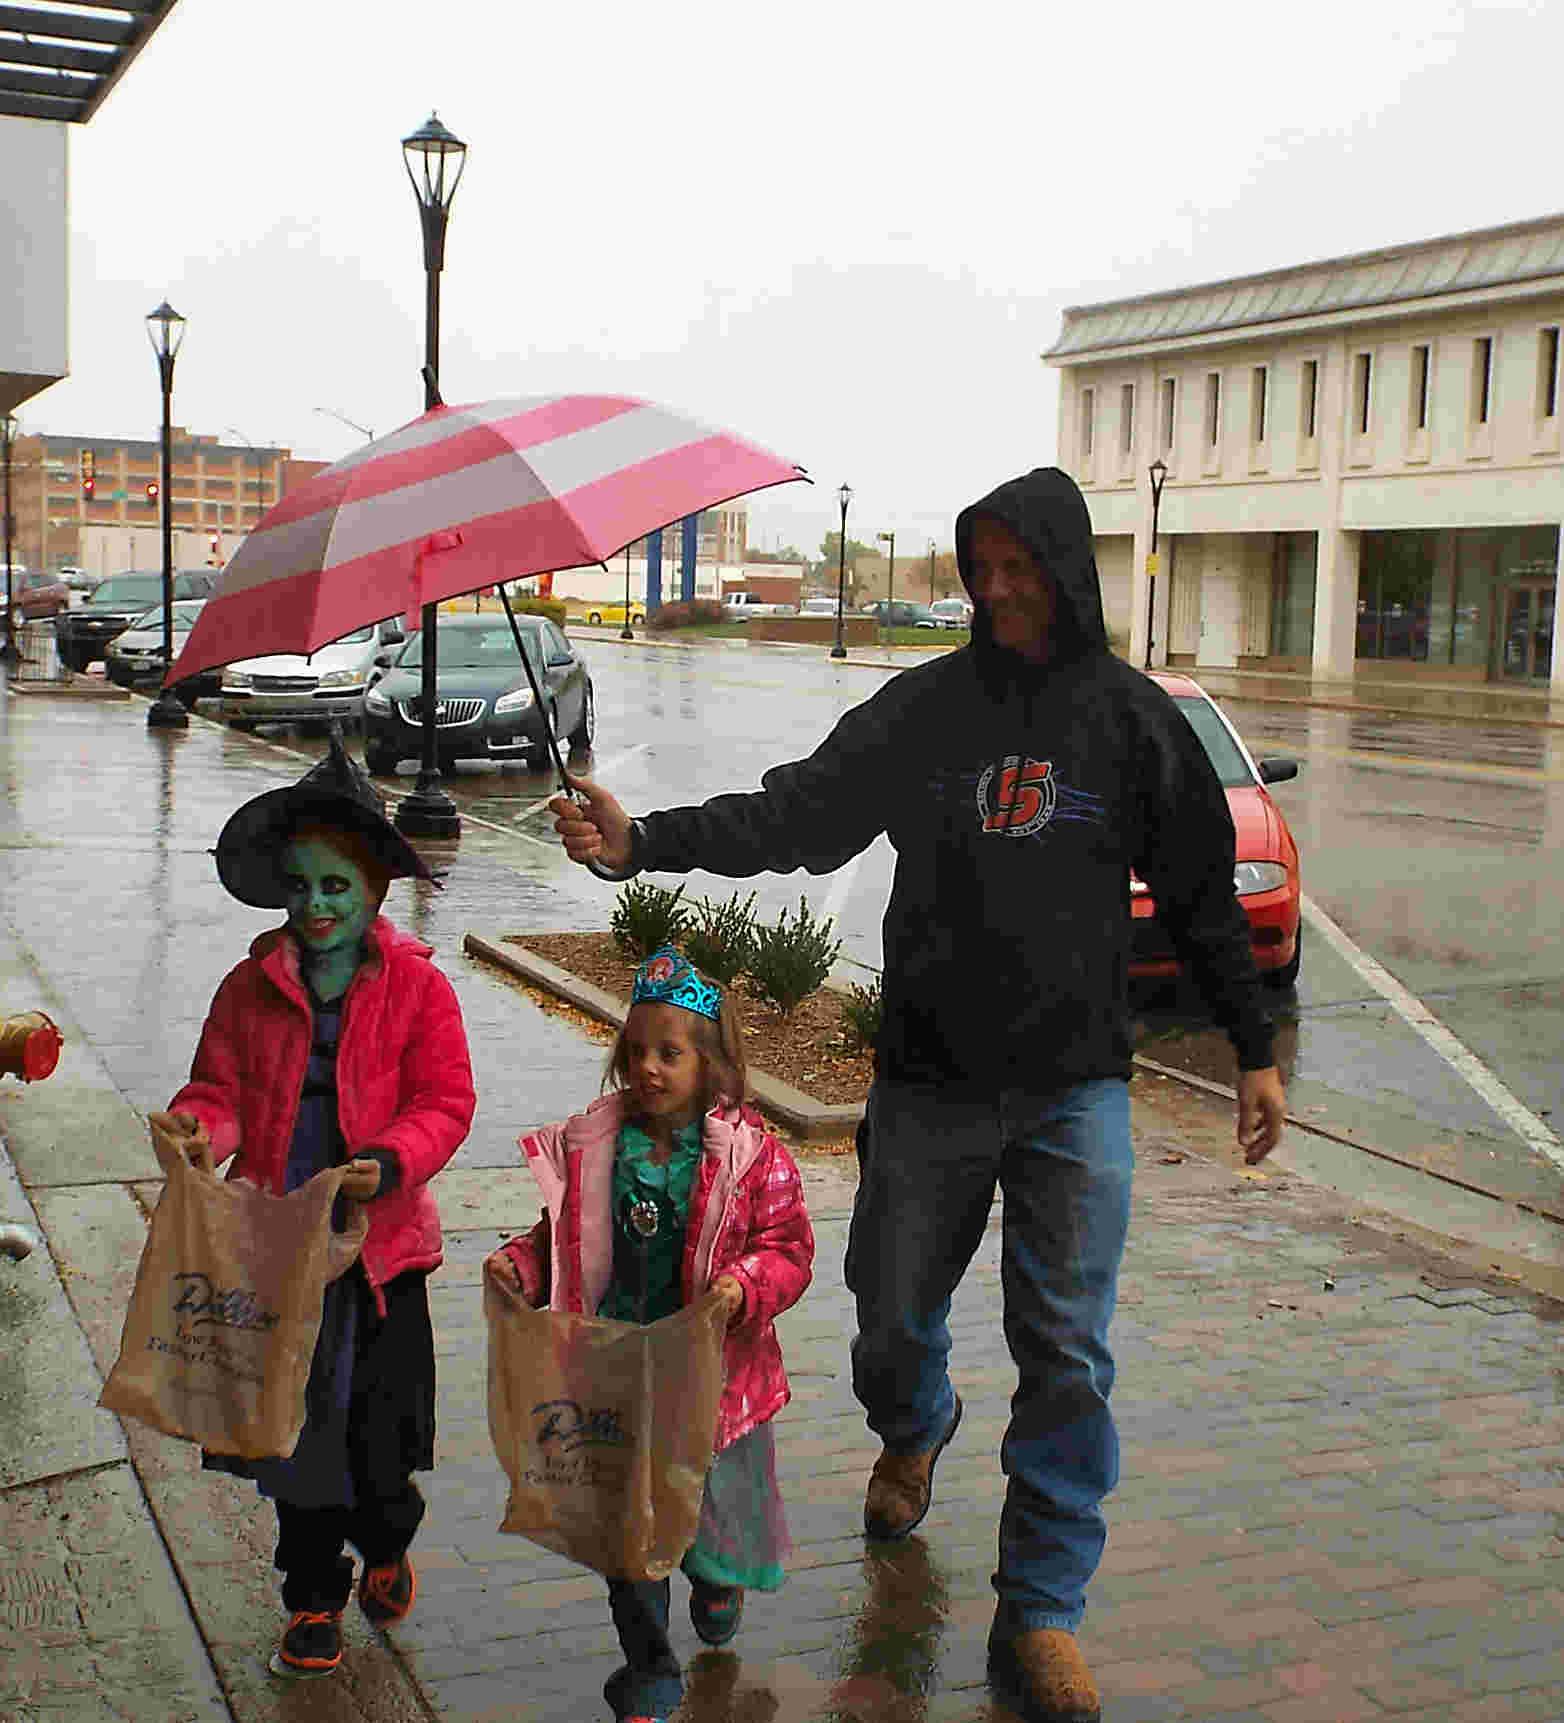 Halloween Fun in the Rain